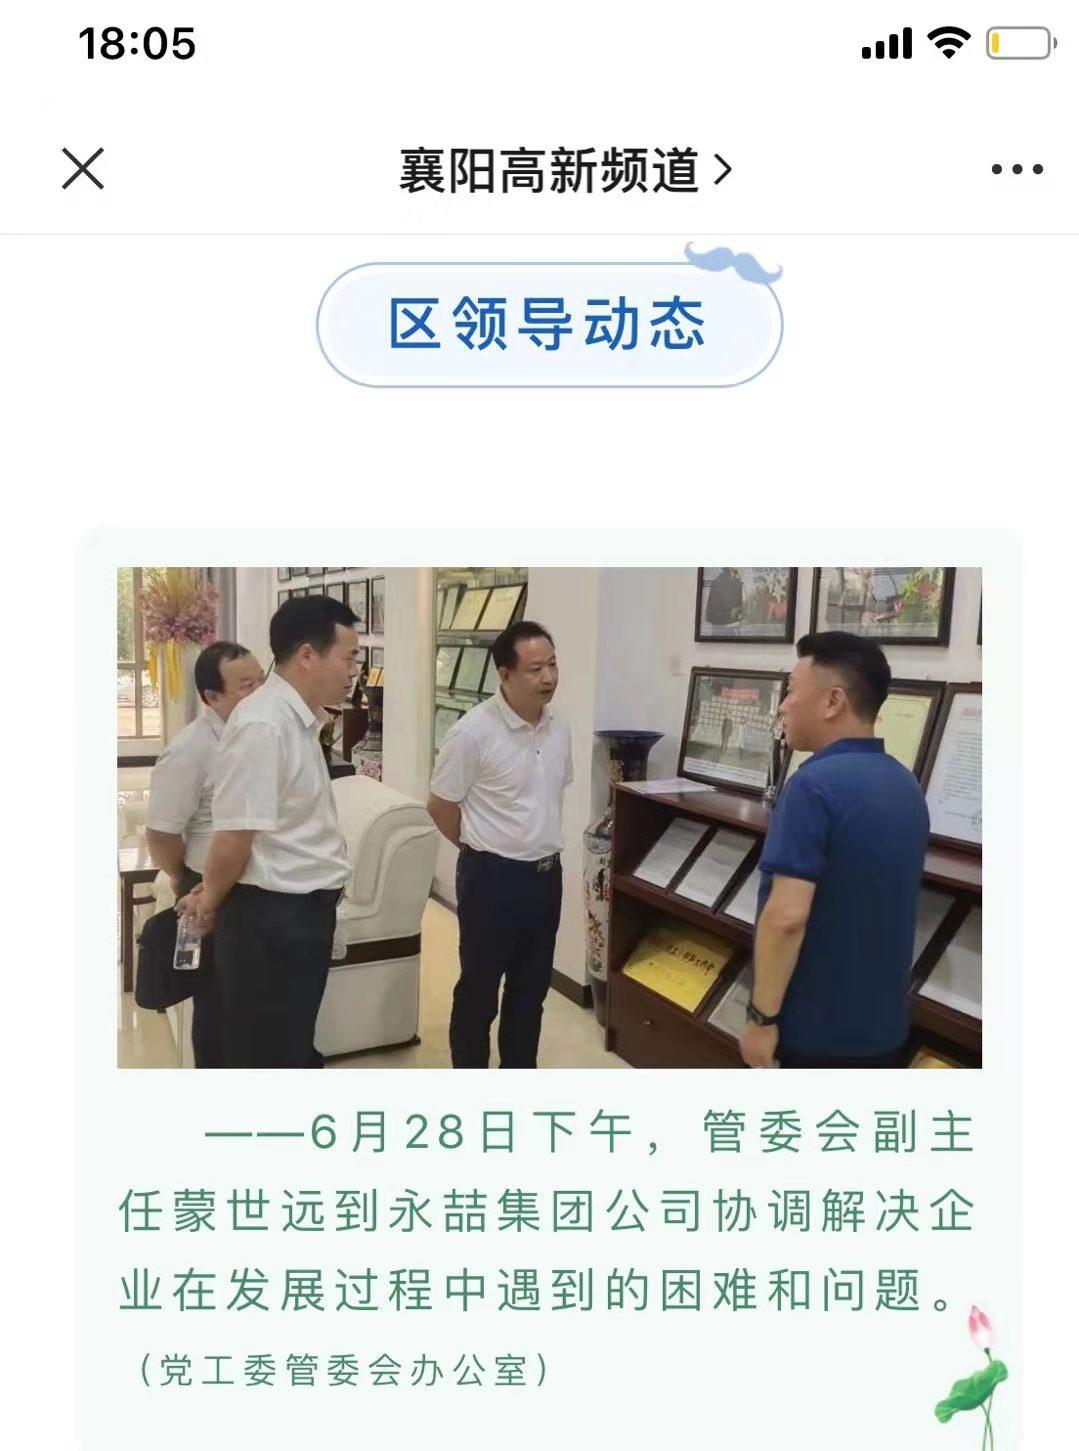 襄陽市高新區管委會副主任蒙楊遠到訪湖北永喆集團